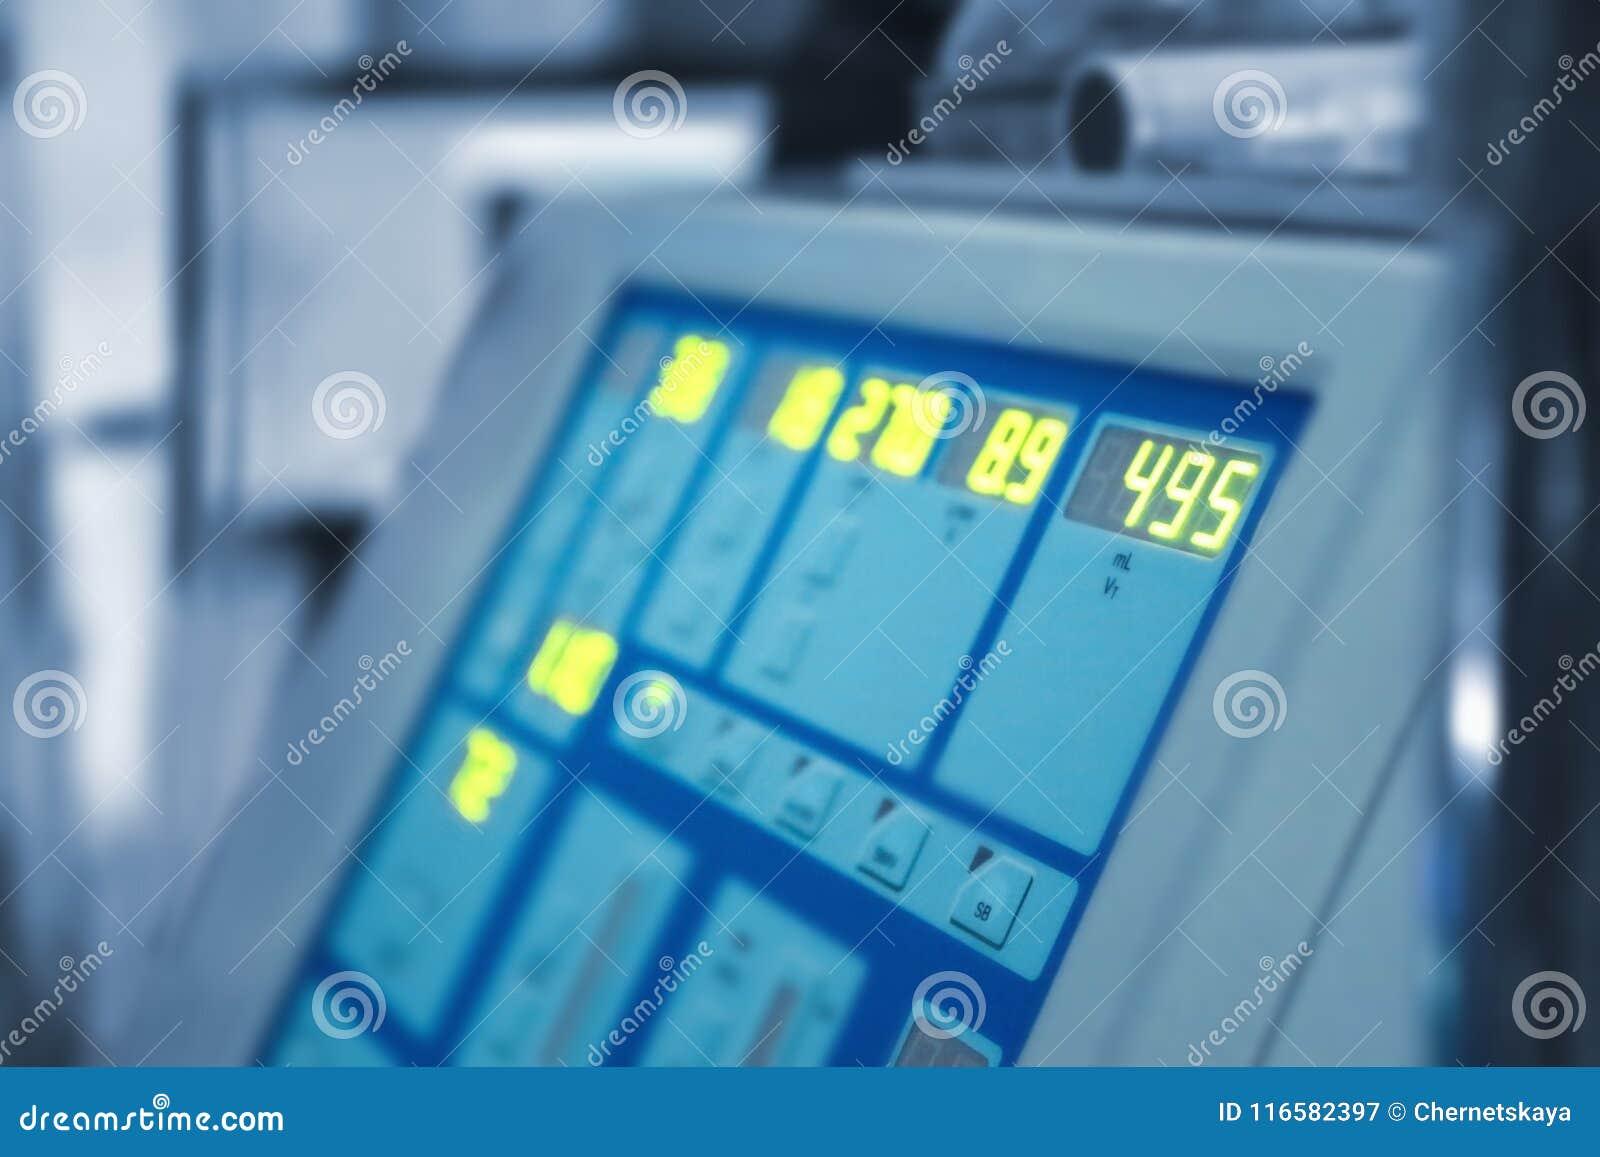 Speciale medische apparatuur in moderne kliniek